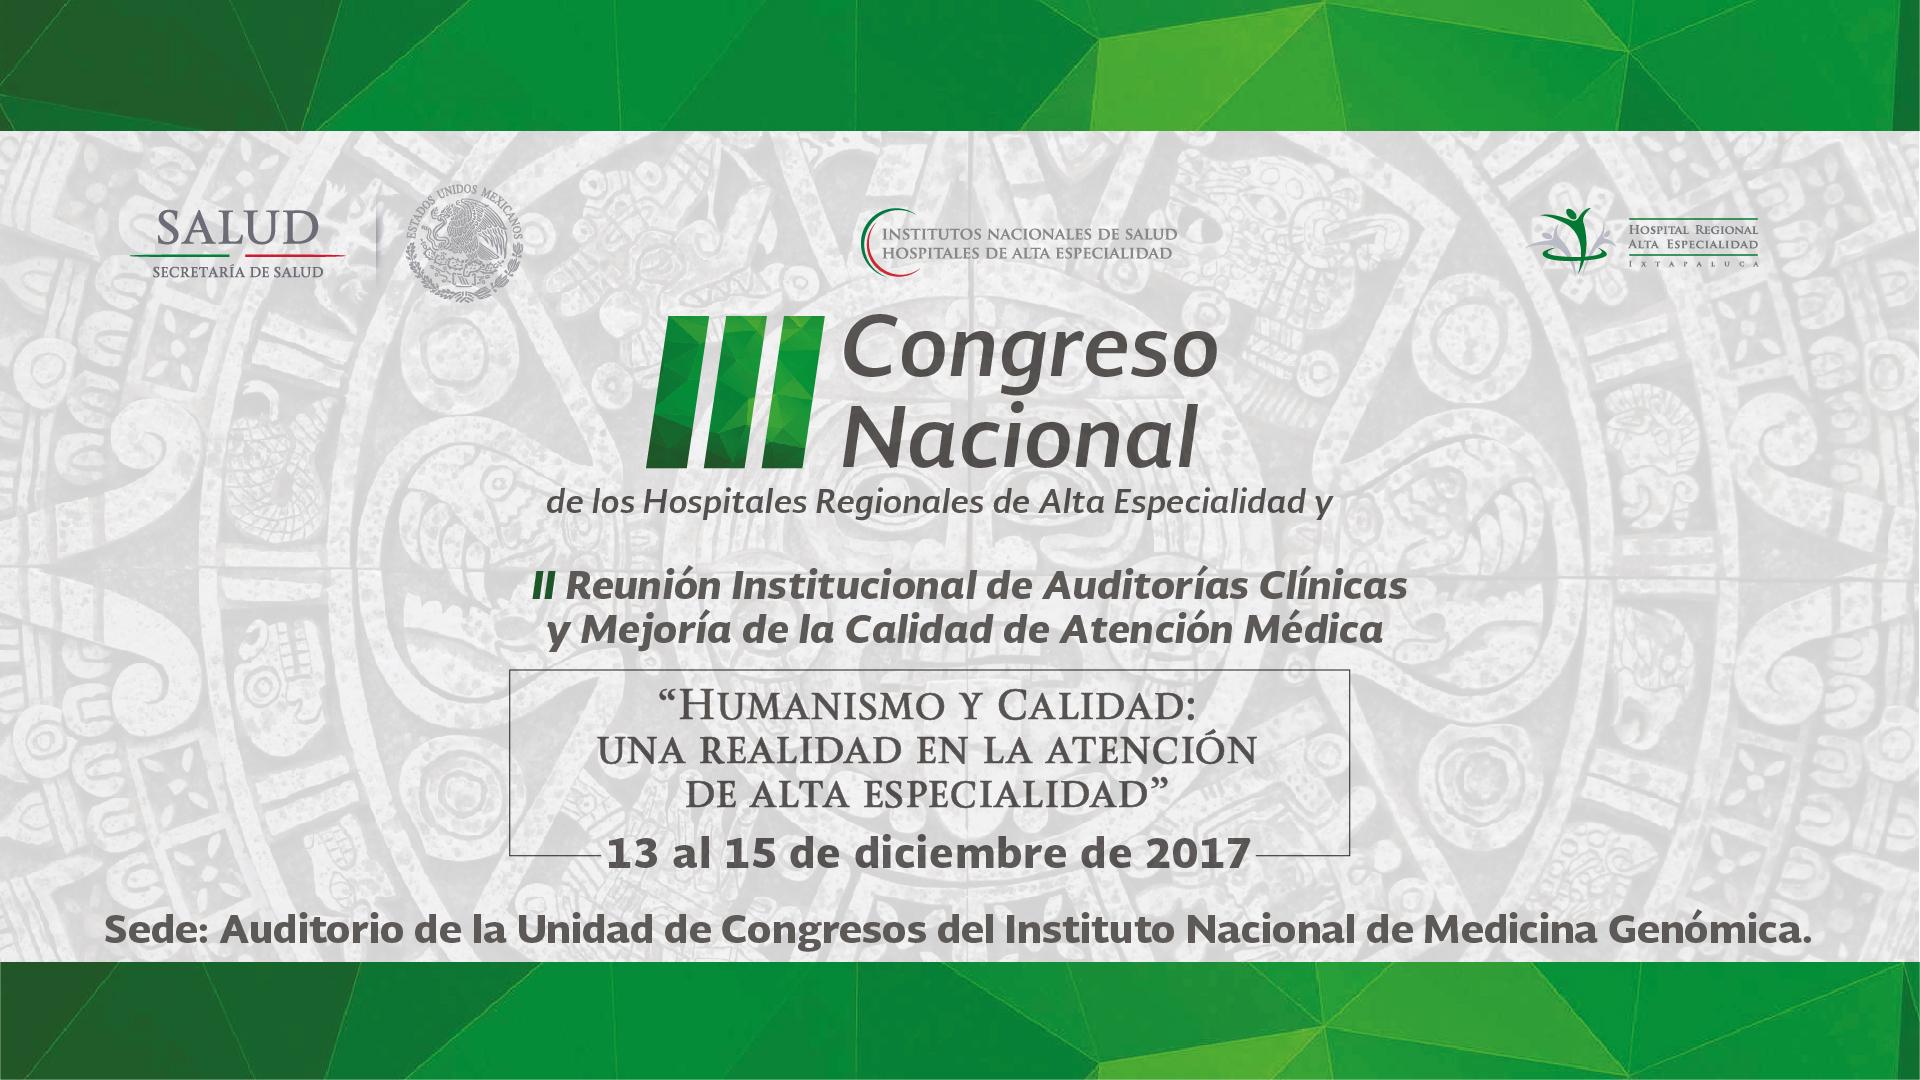 III Congreso Nacional de los Hospitales Regionales de Alta Especialidad